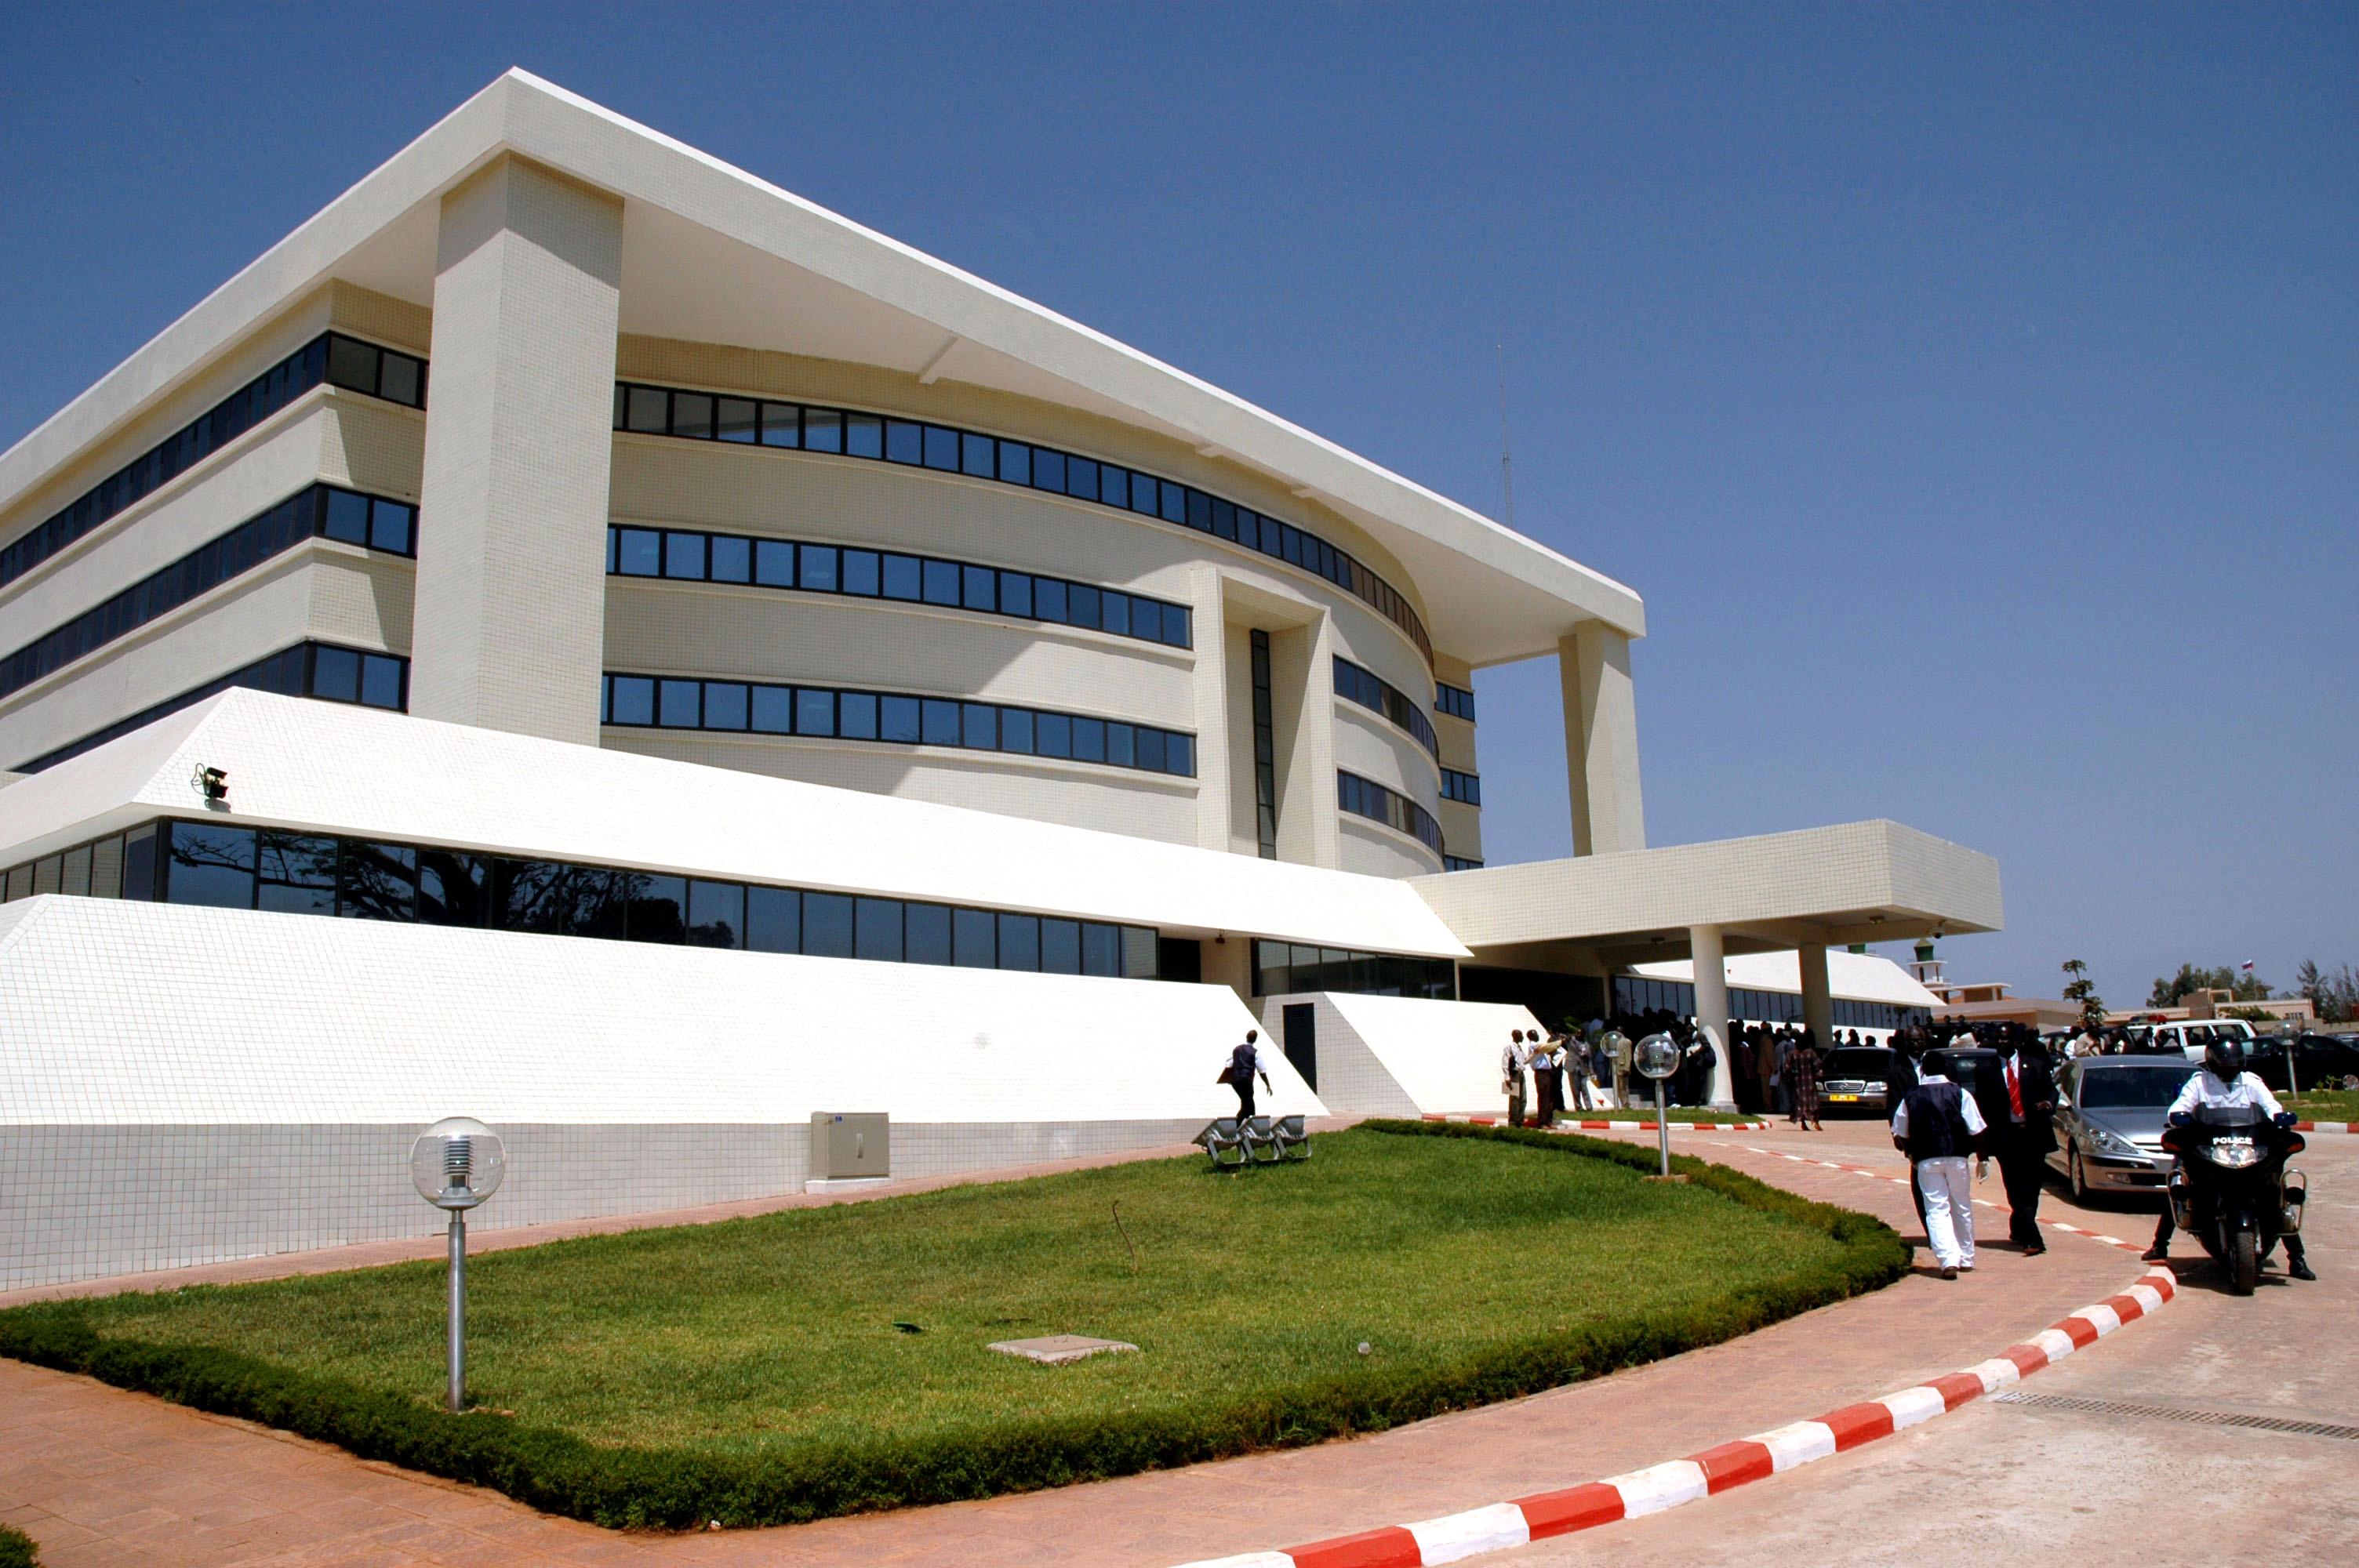 Guiné-Bissau arrecadou 21,8 ME com emissão de títulos do tesouro